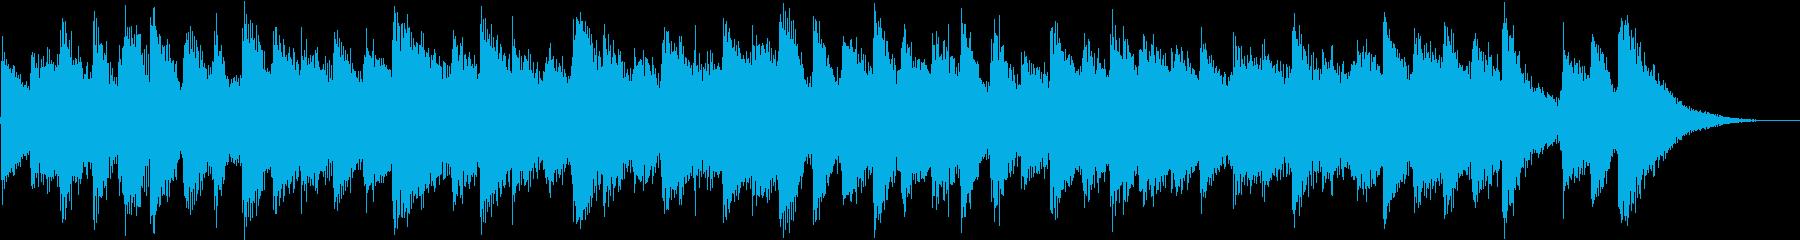 落ち着いた癒しギターアルペジオの再生済みの波形